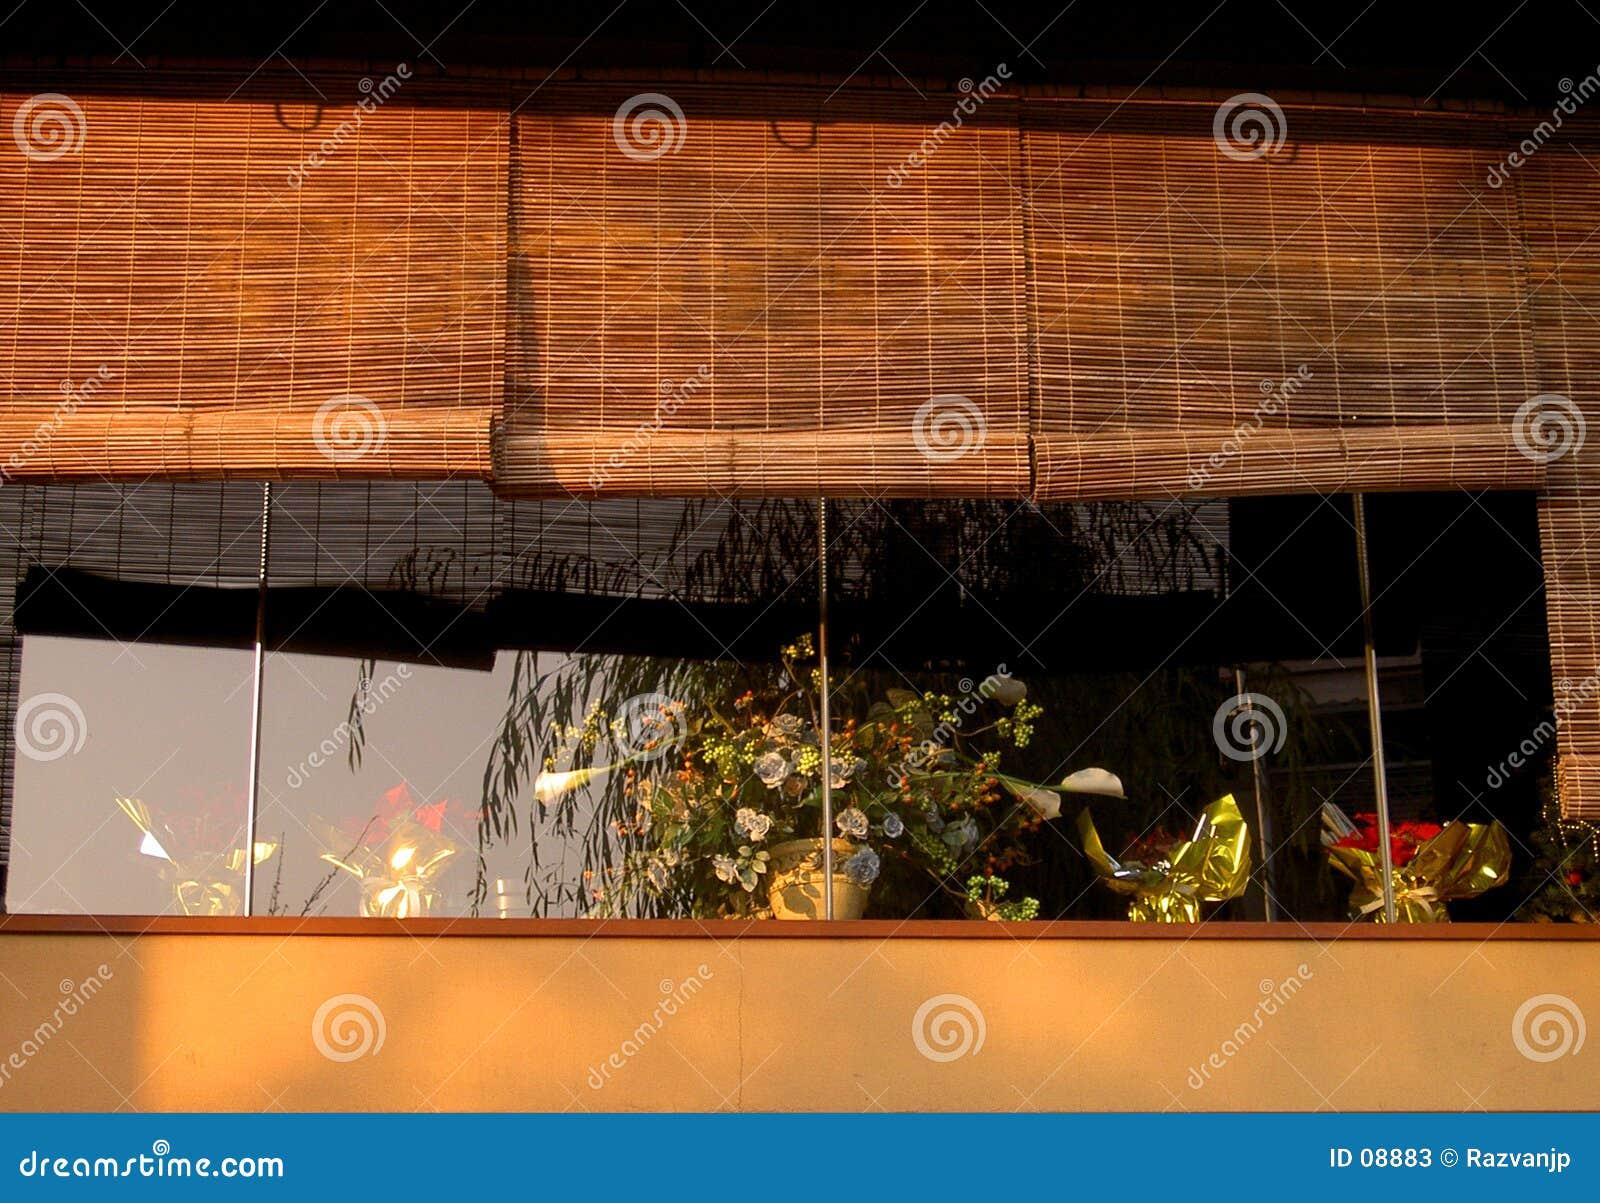 Gion视窗